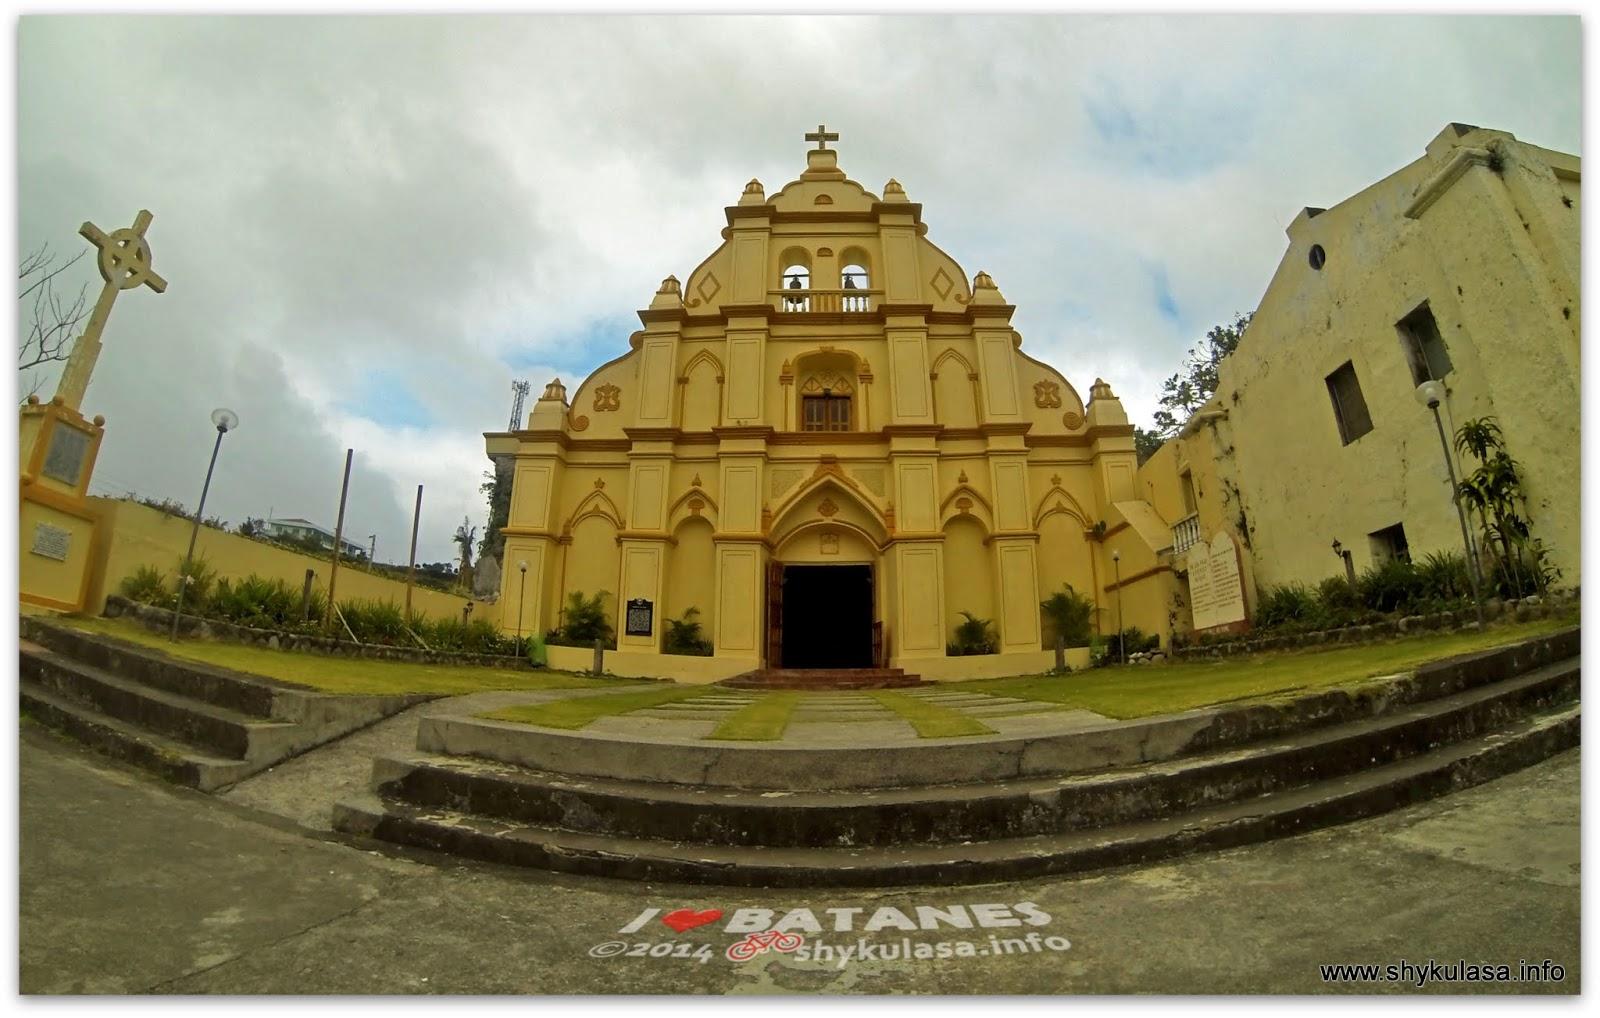 Basco Cathedral, Batanes